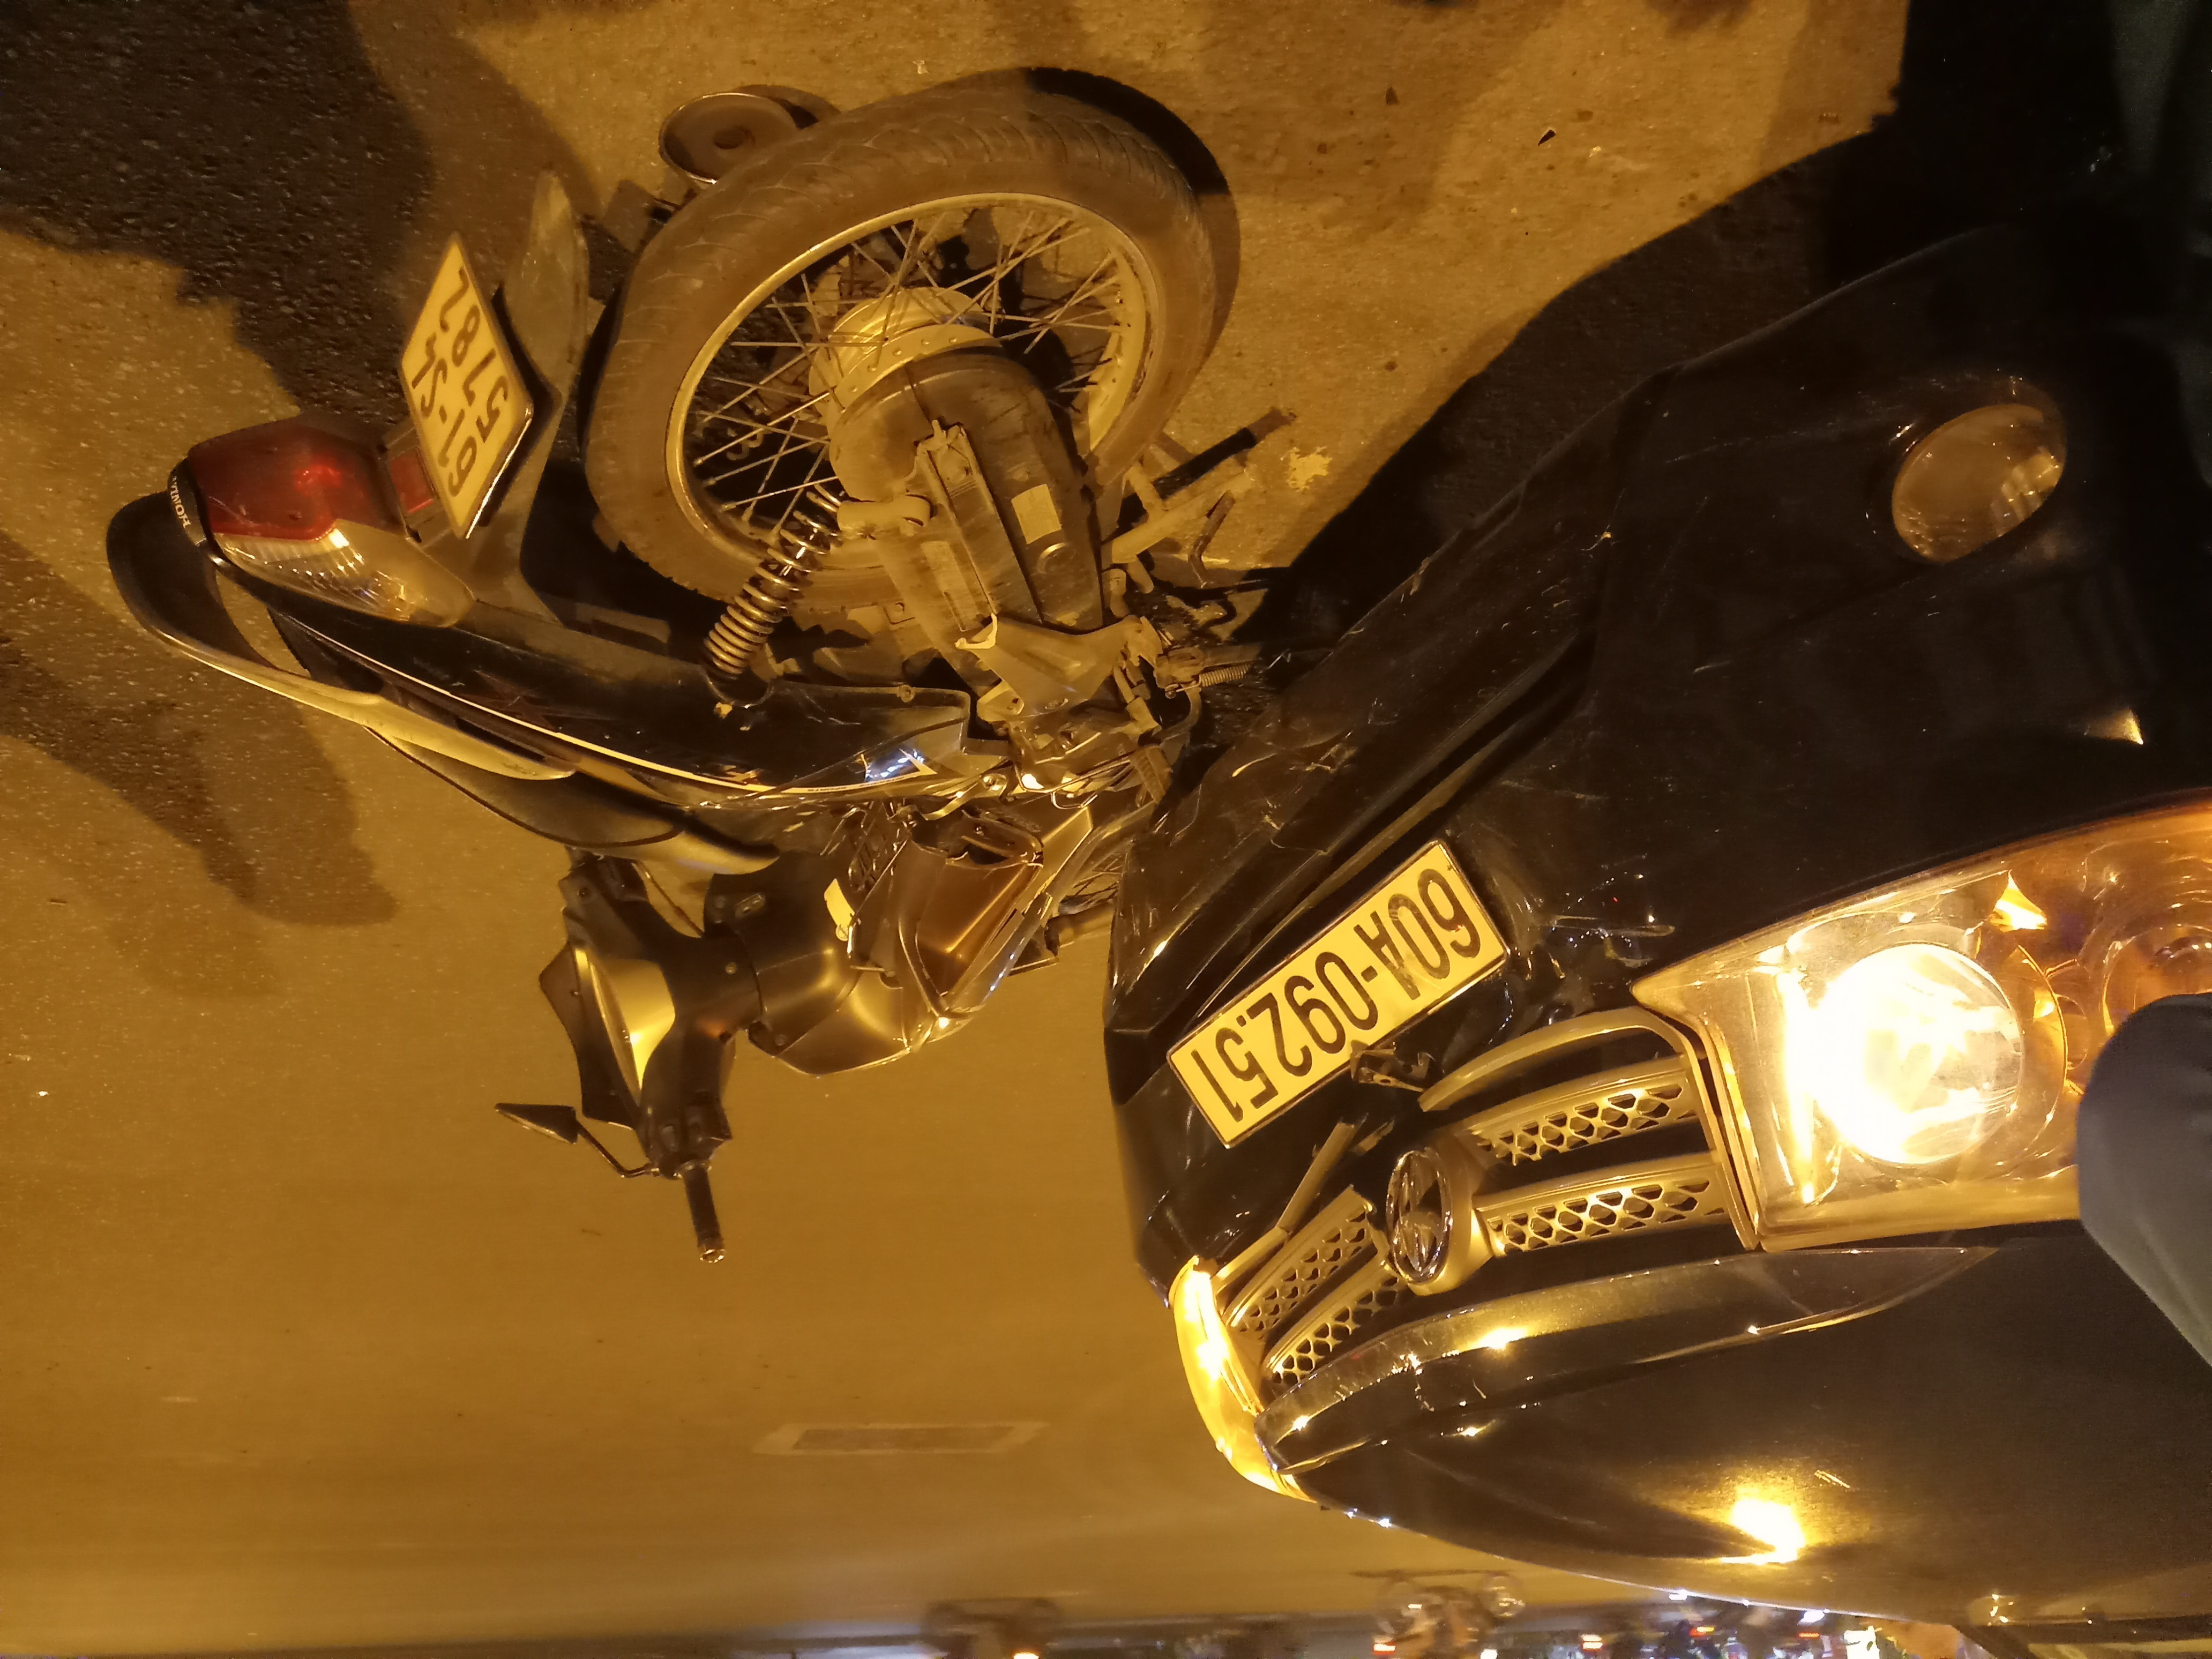 Va chạm với ô tô, thiếu nữ nhập viện trong tình trạng nguy kịch - Ảnh 2